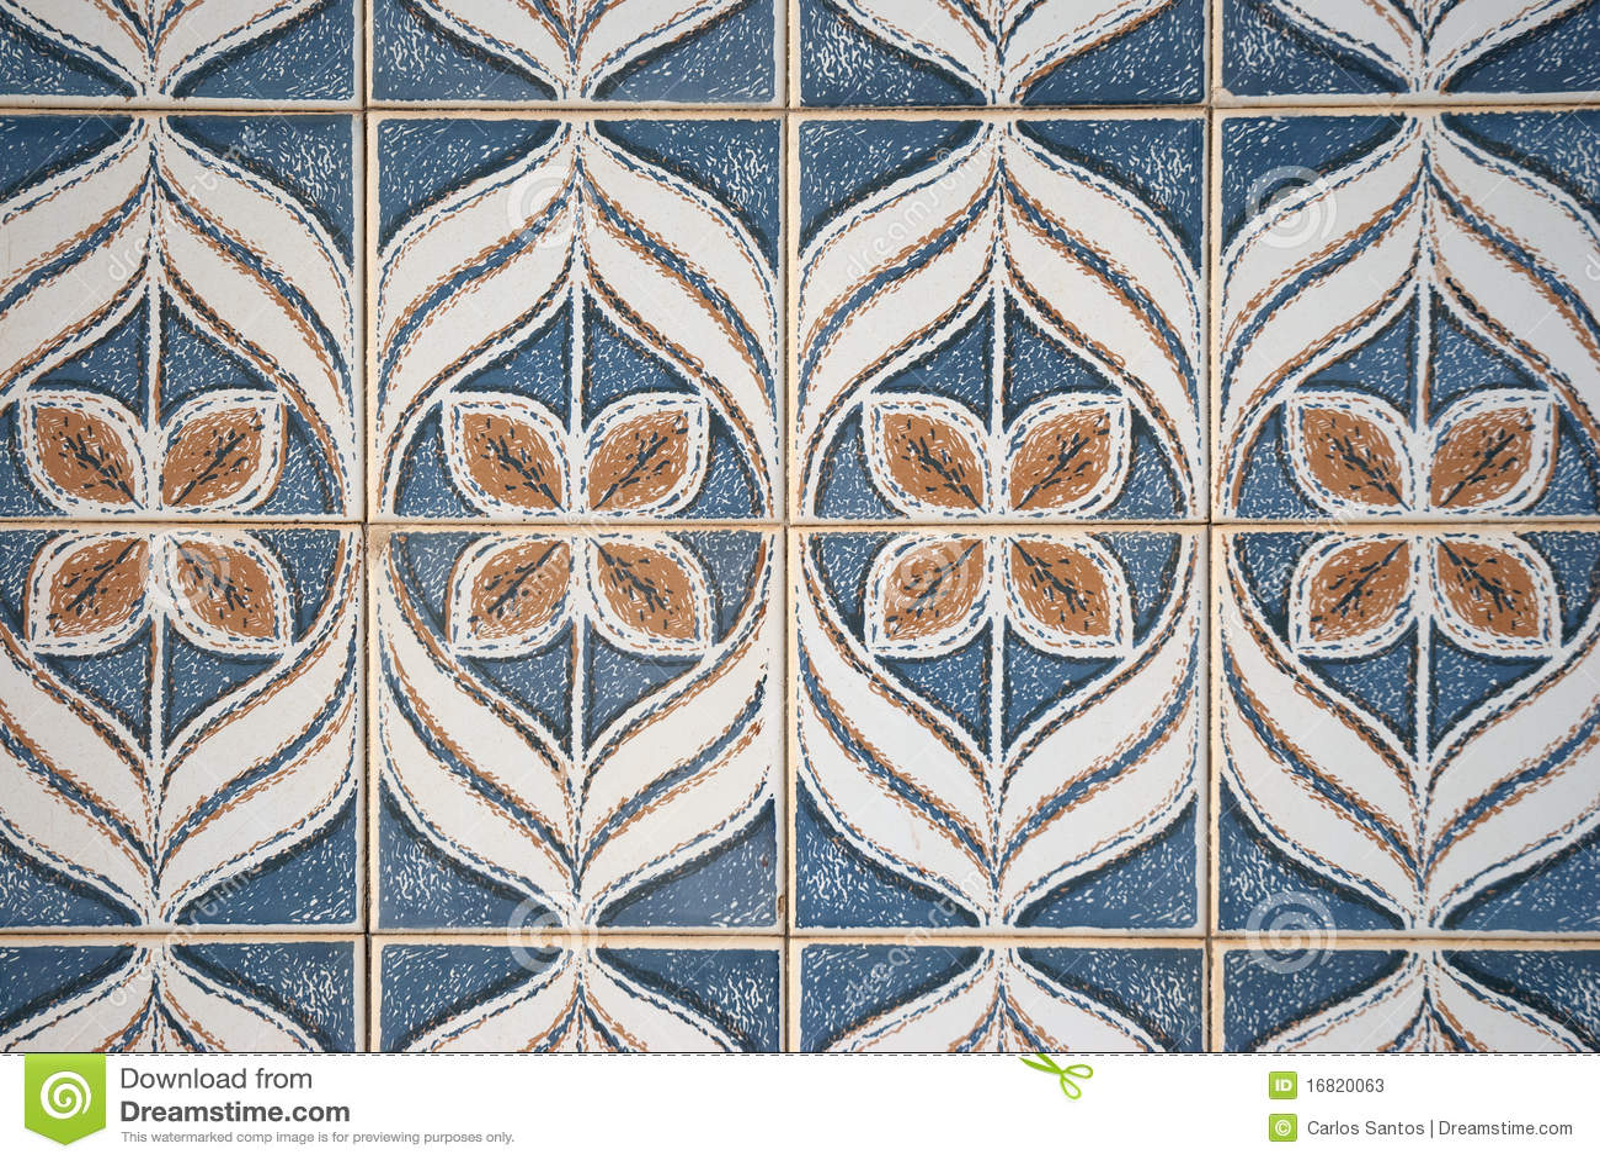 Azulejos portugueses tradicionales imagen de archivo - Fotos de azulejos ...